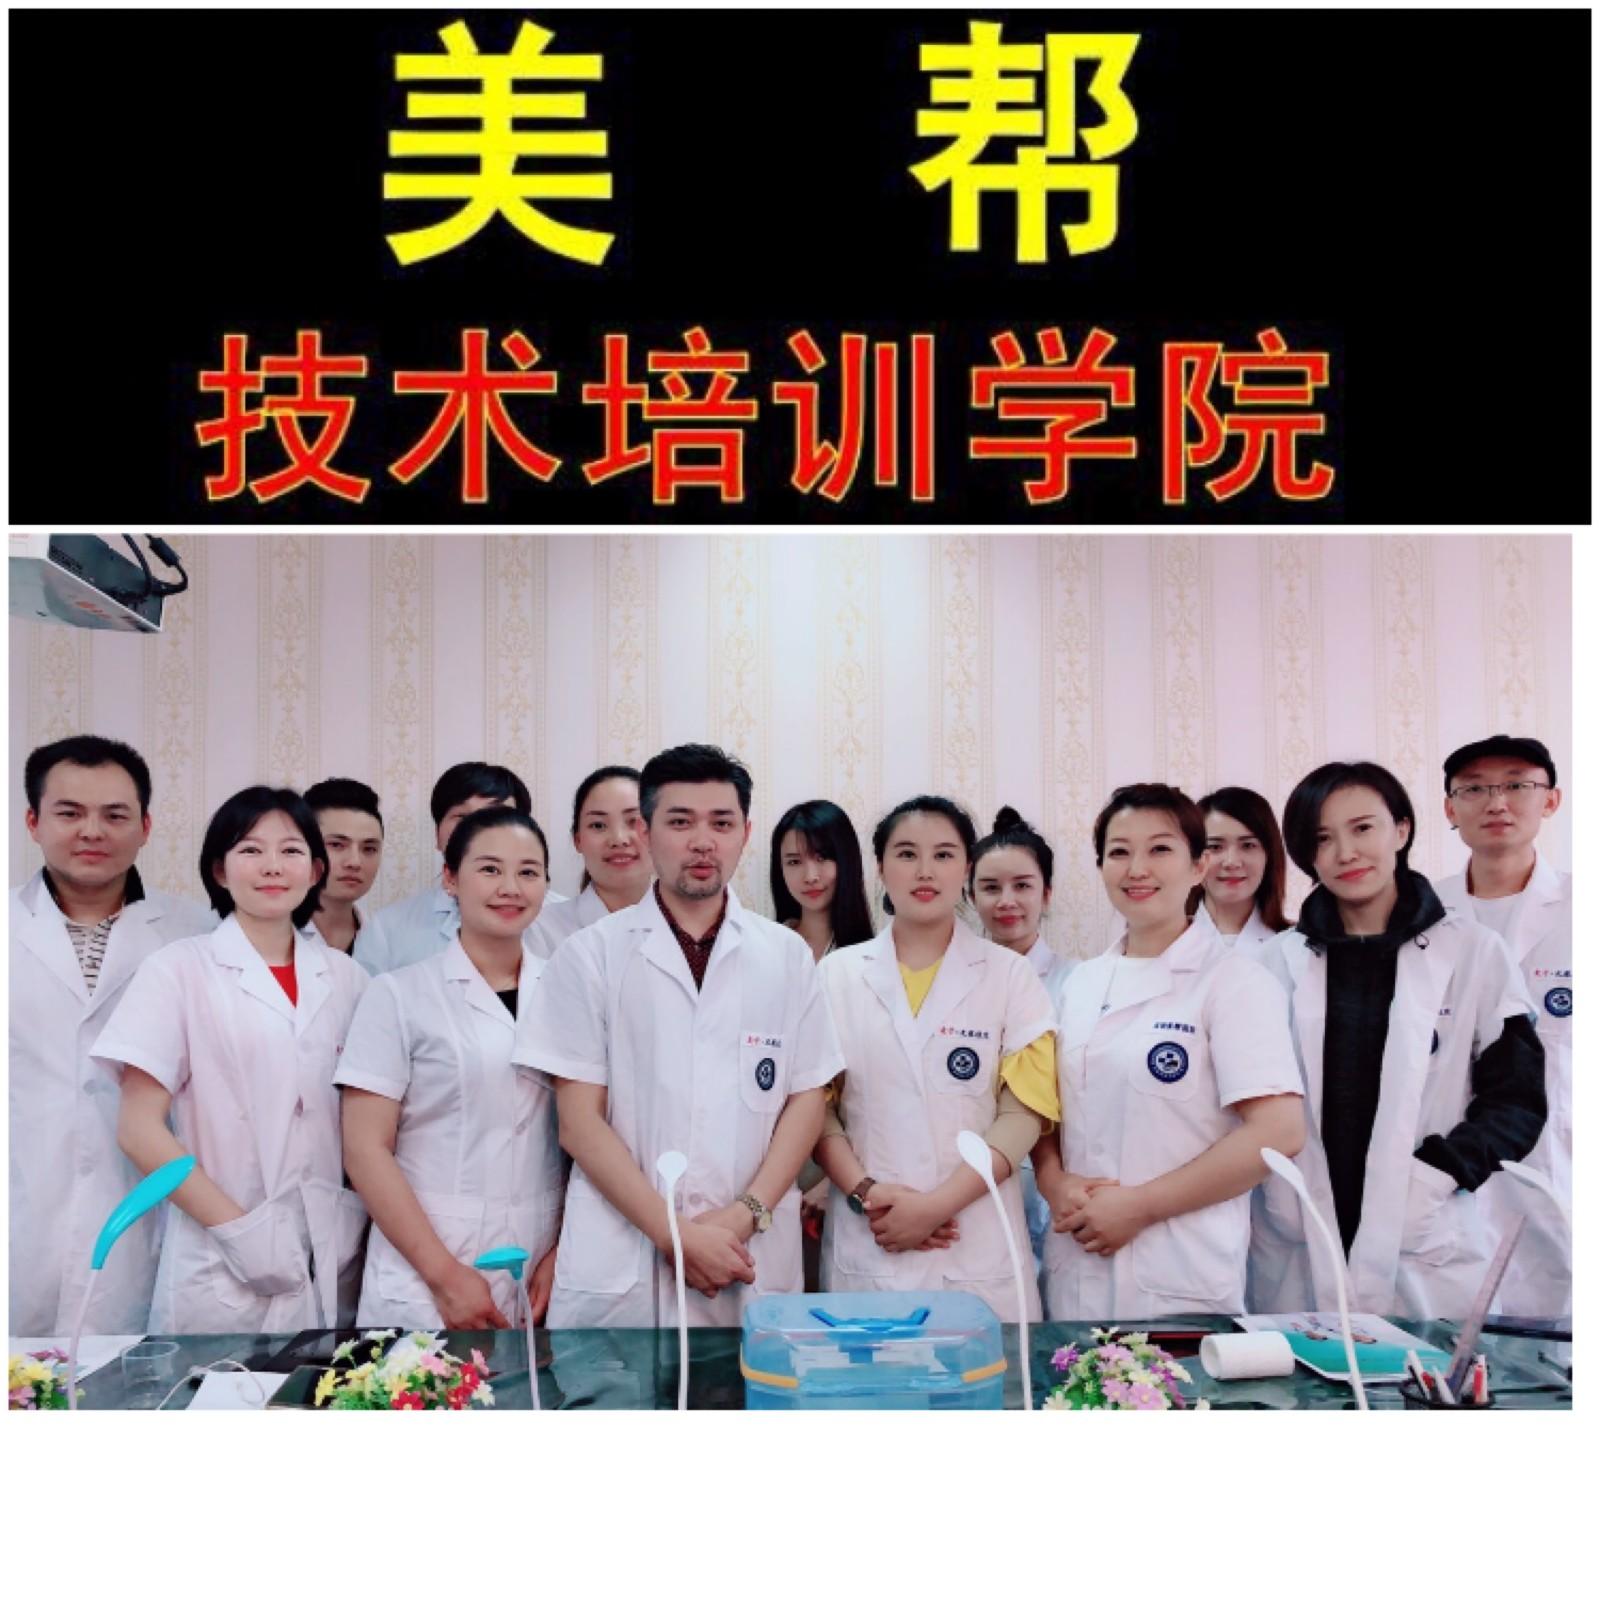 深圳福田区学微整形培训技术地址在哪